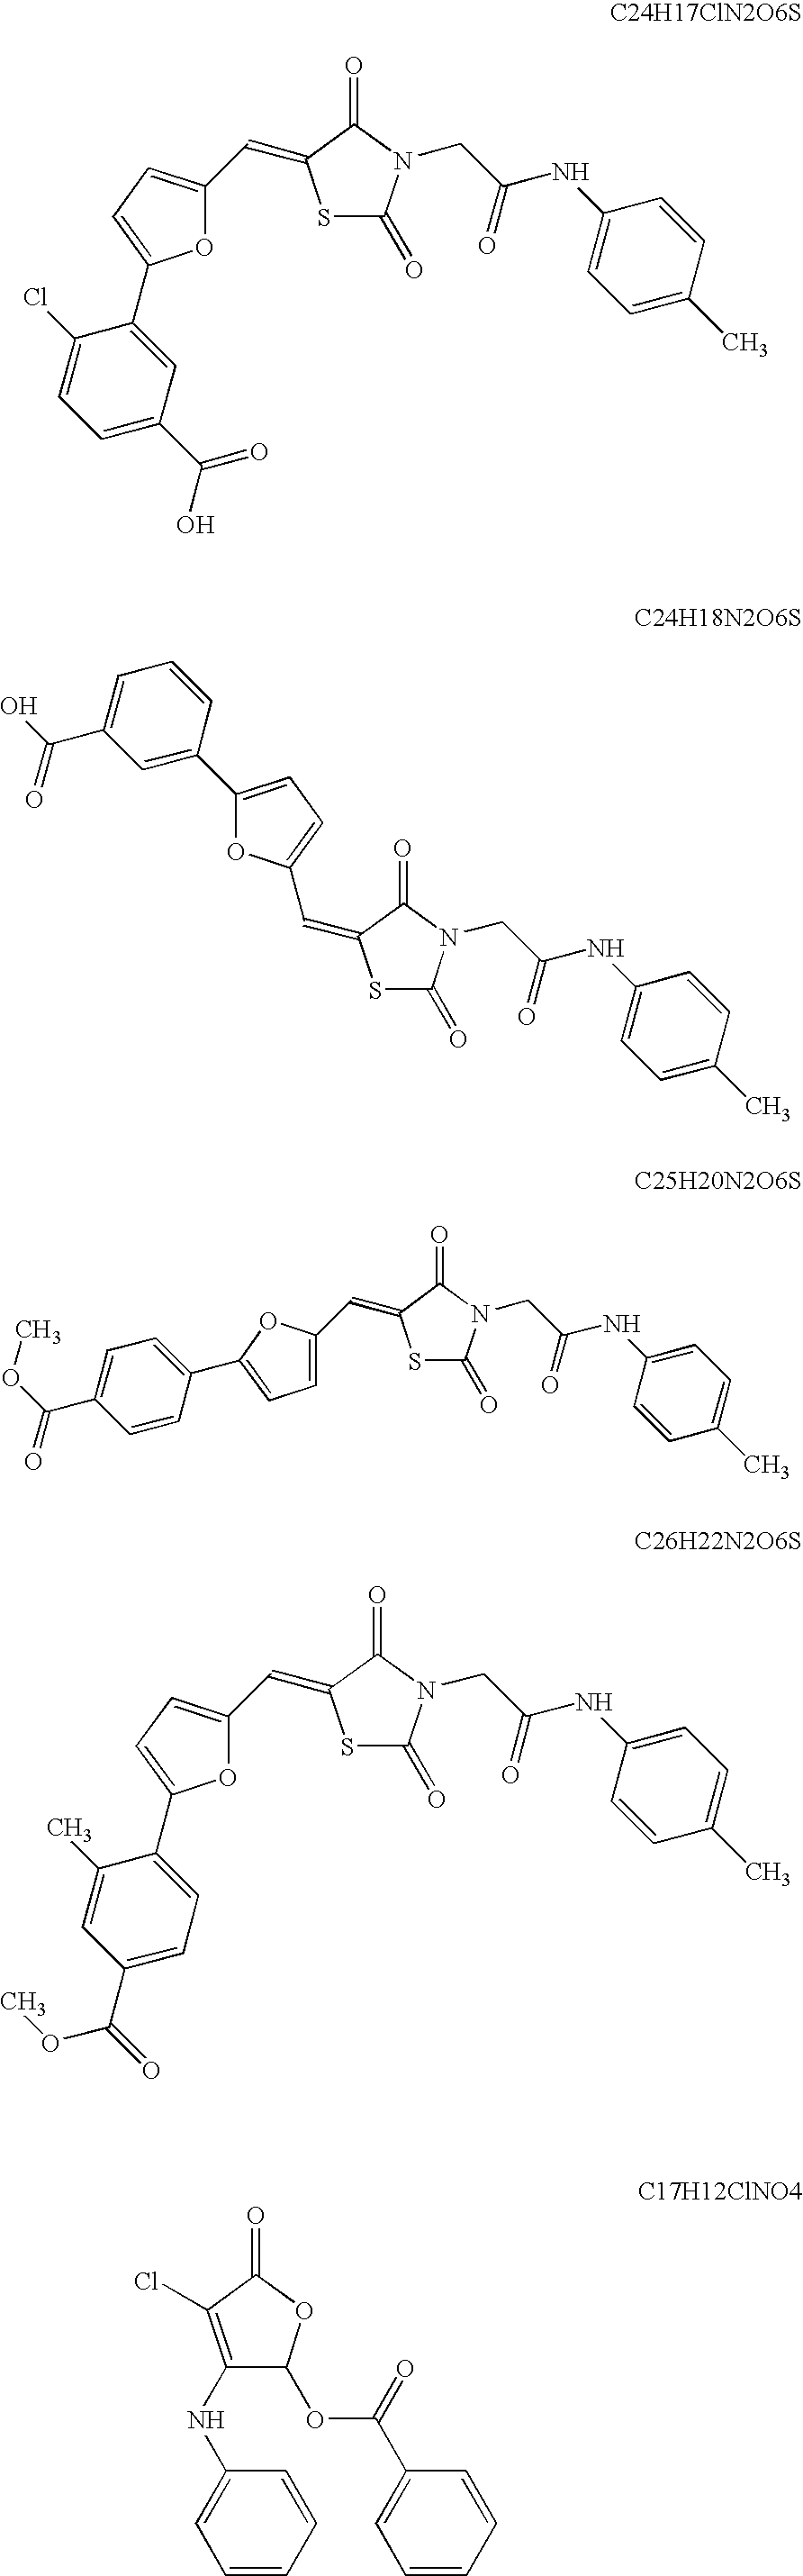 Figure US20070196395A1-20070823-C00053